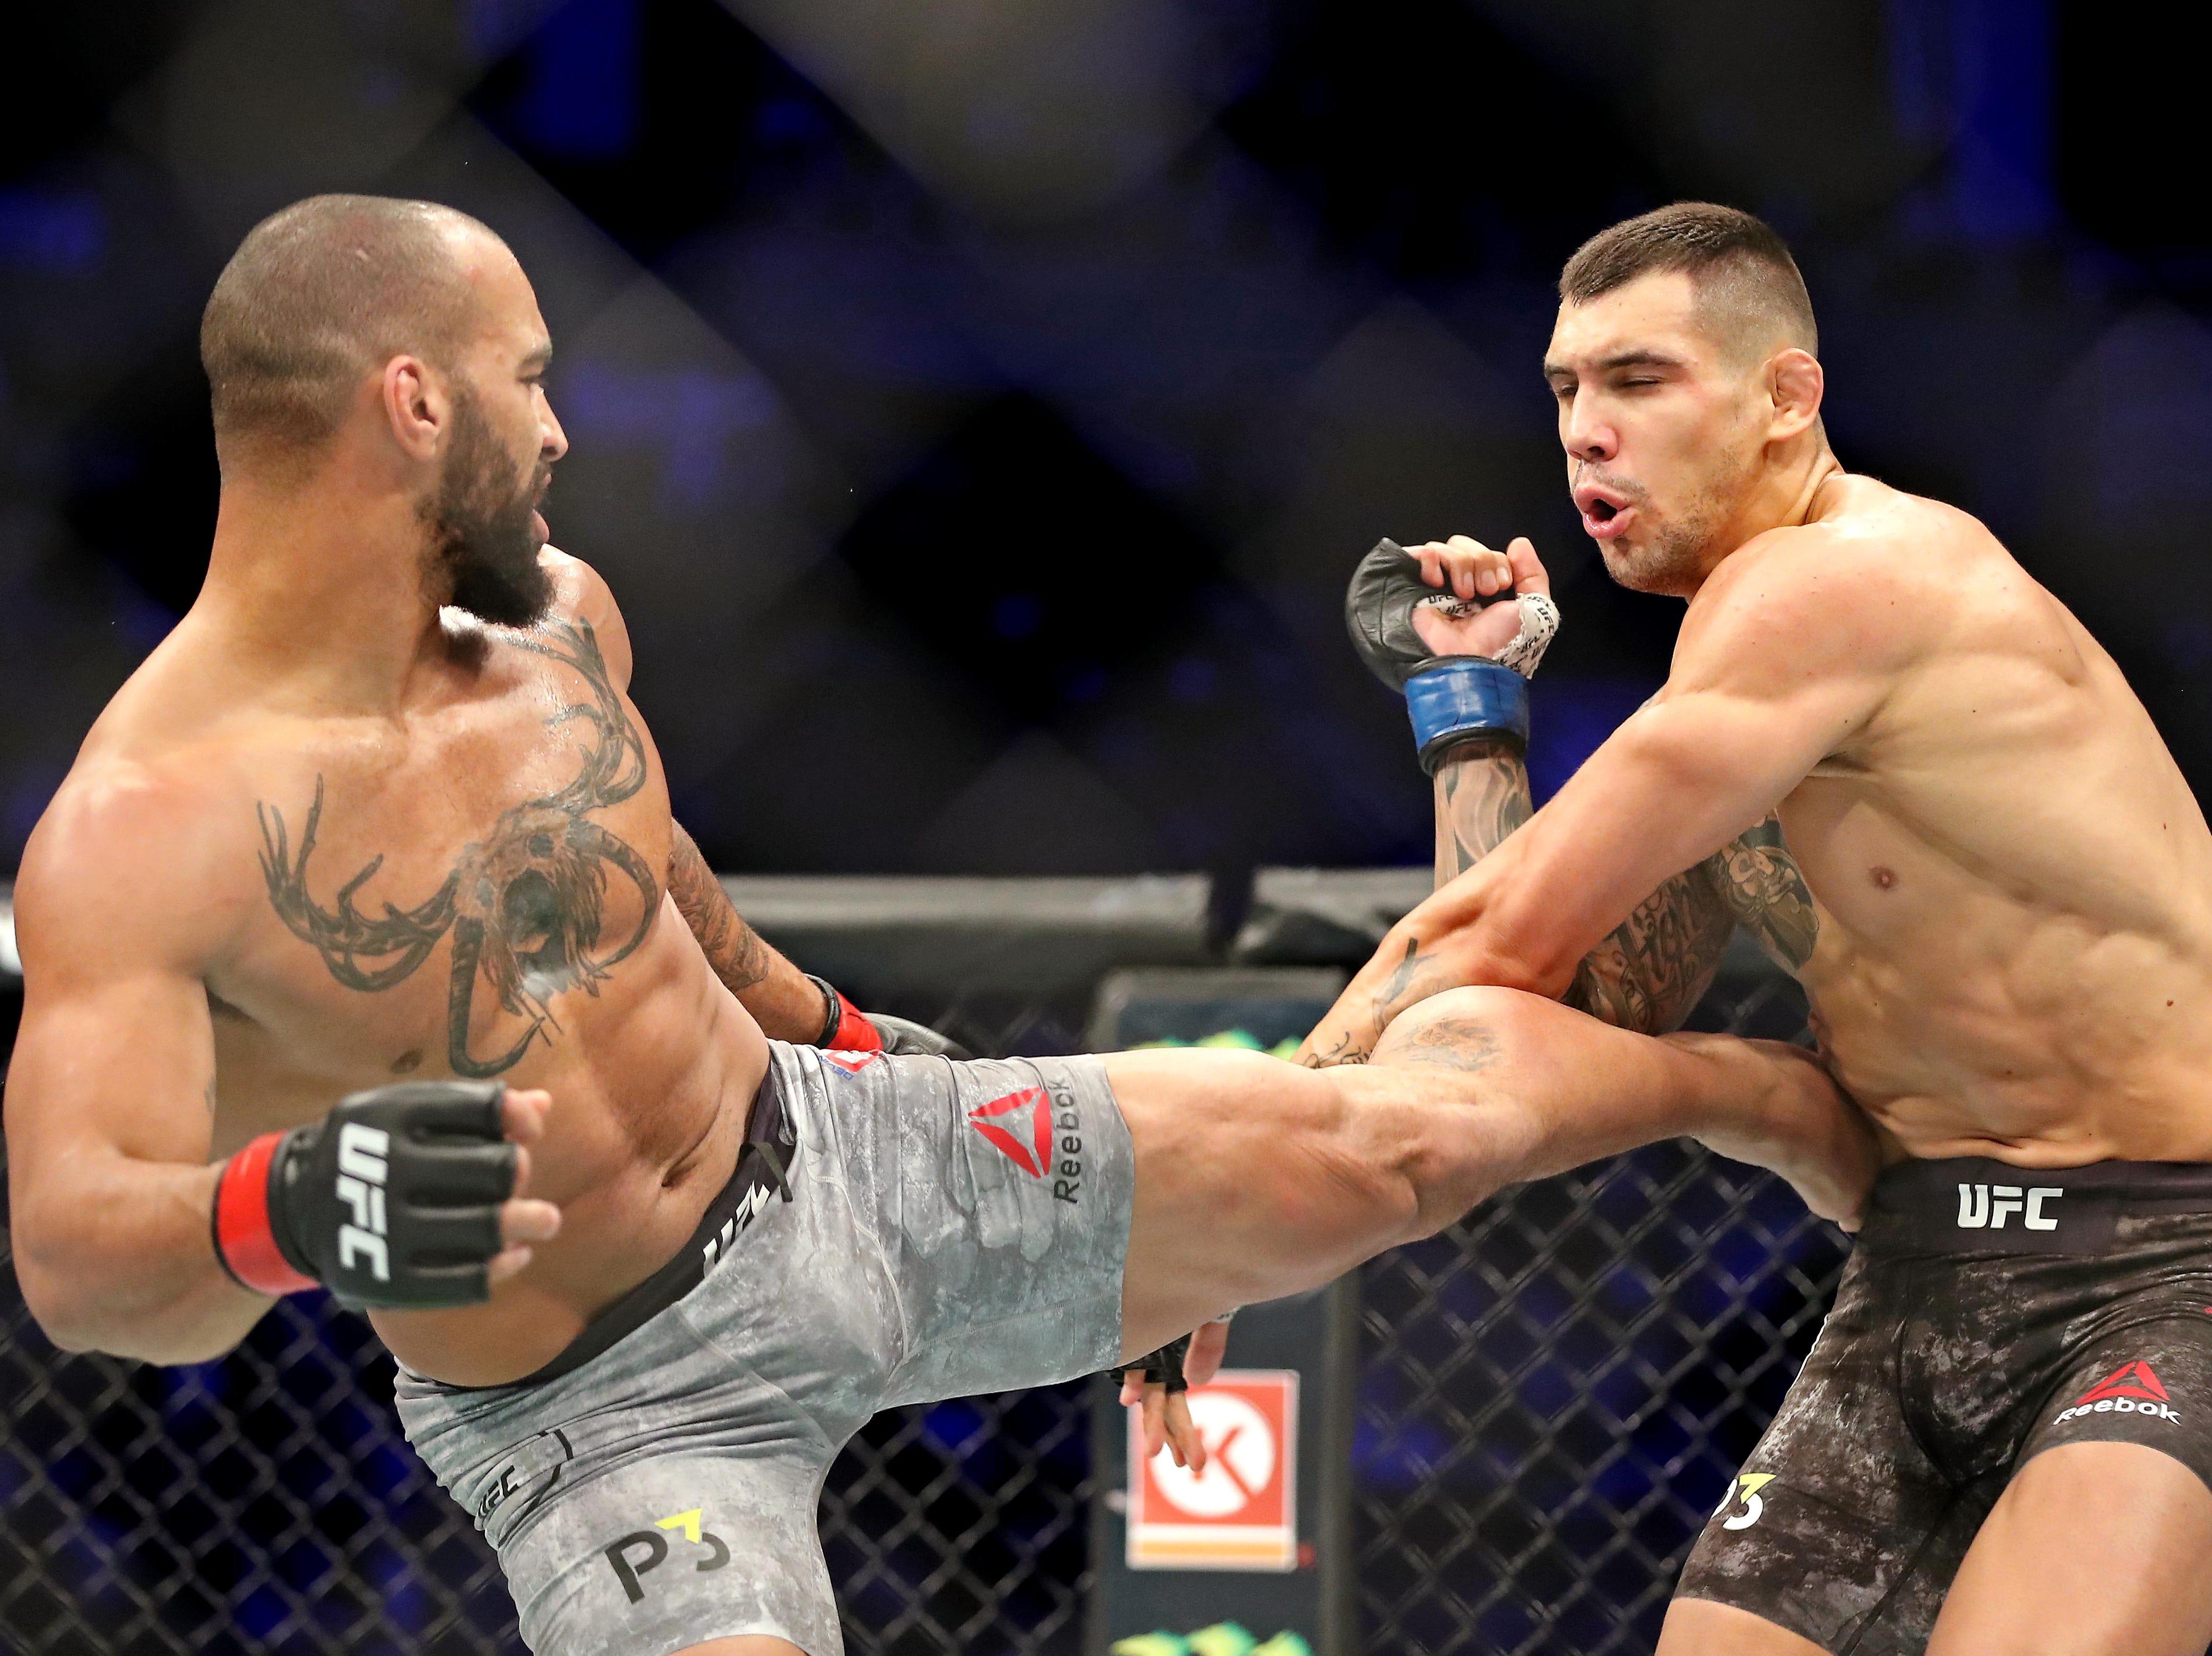 Devin Clark (red gloves) fights Aleksandar Rakic (blue gloves) during UFC 231 at Scotiabank Arena.